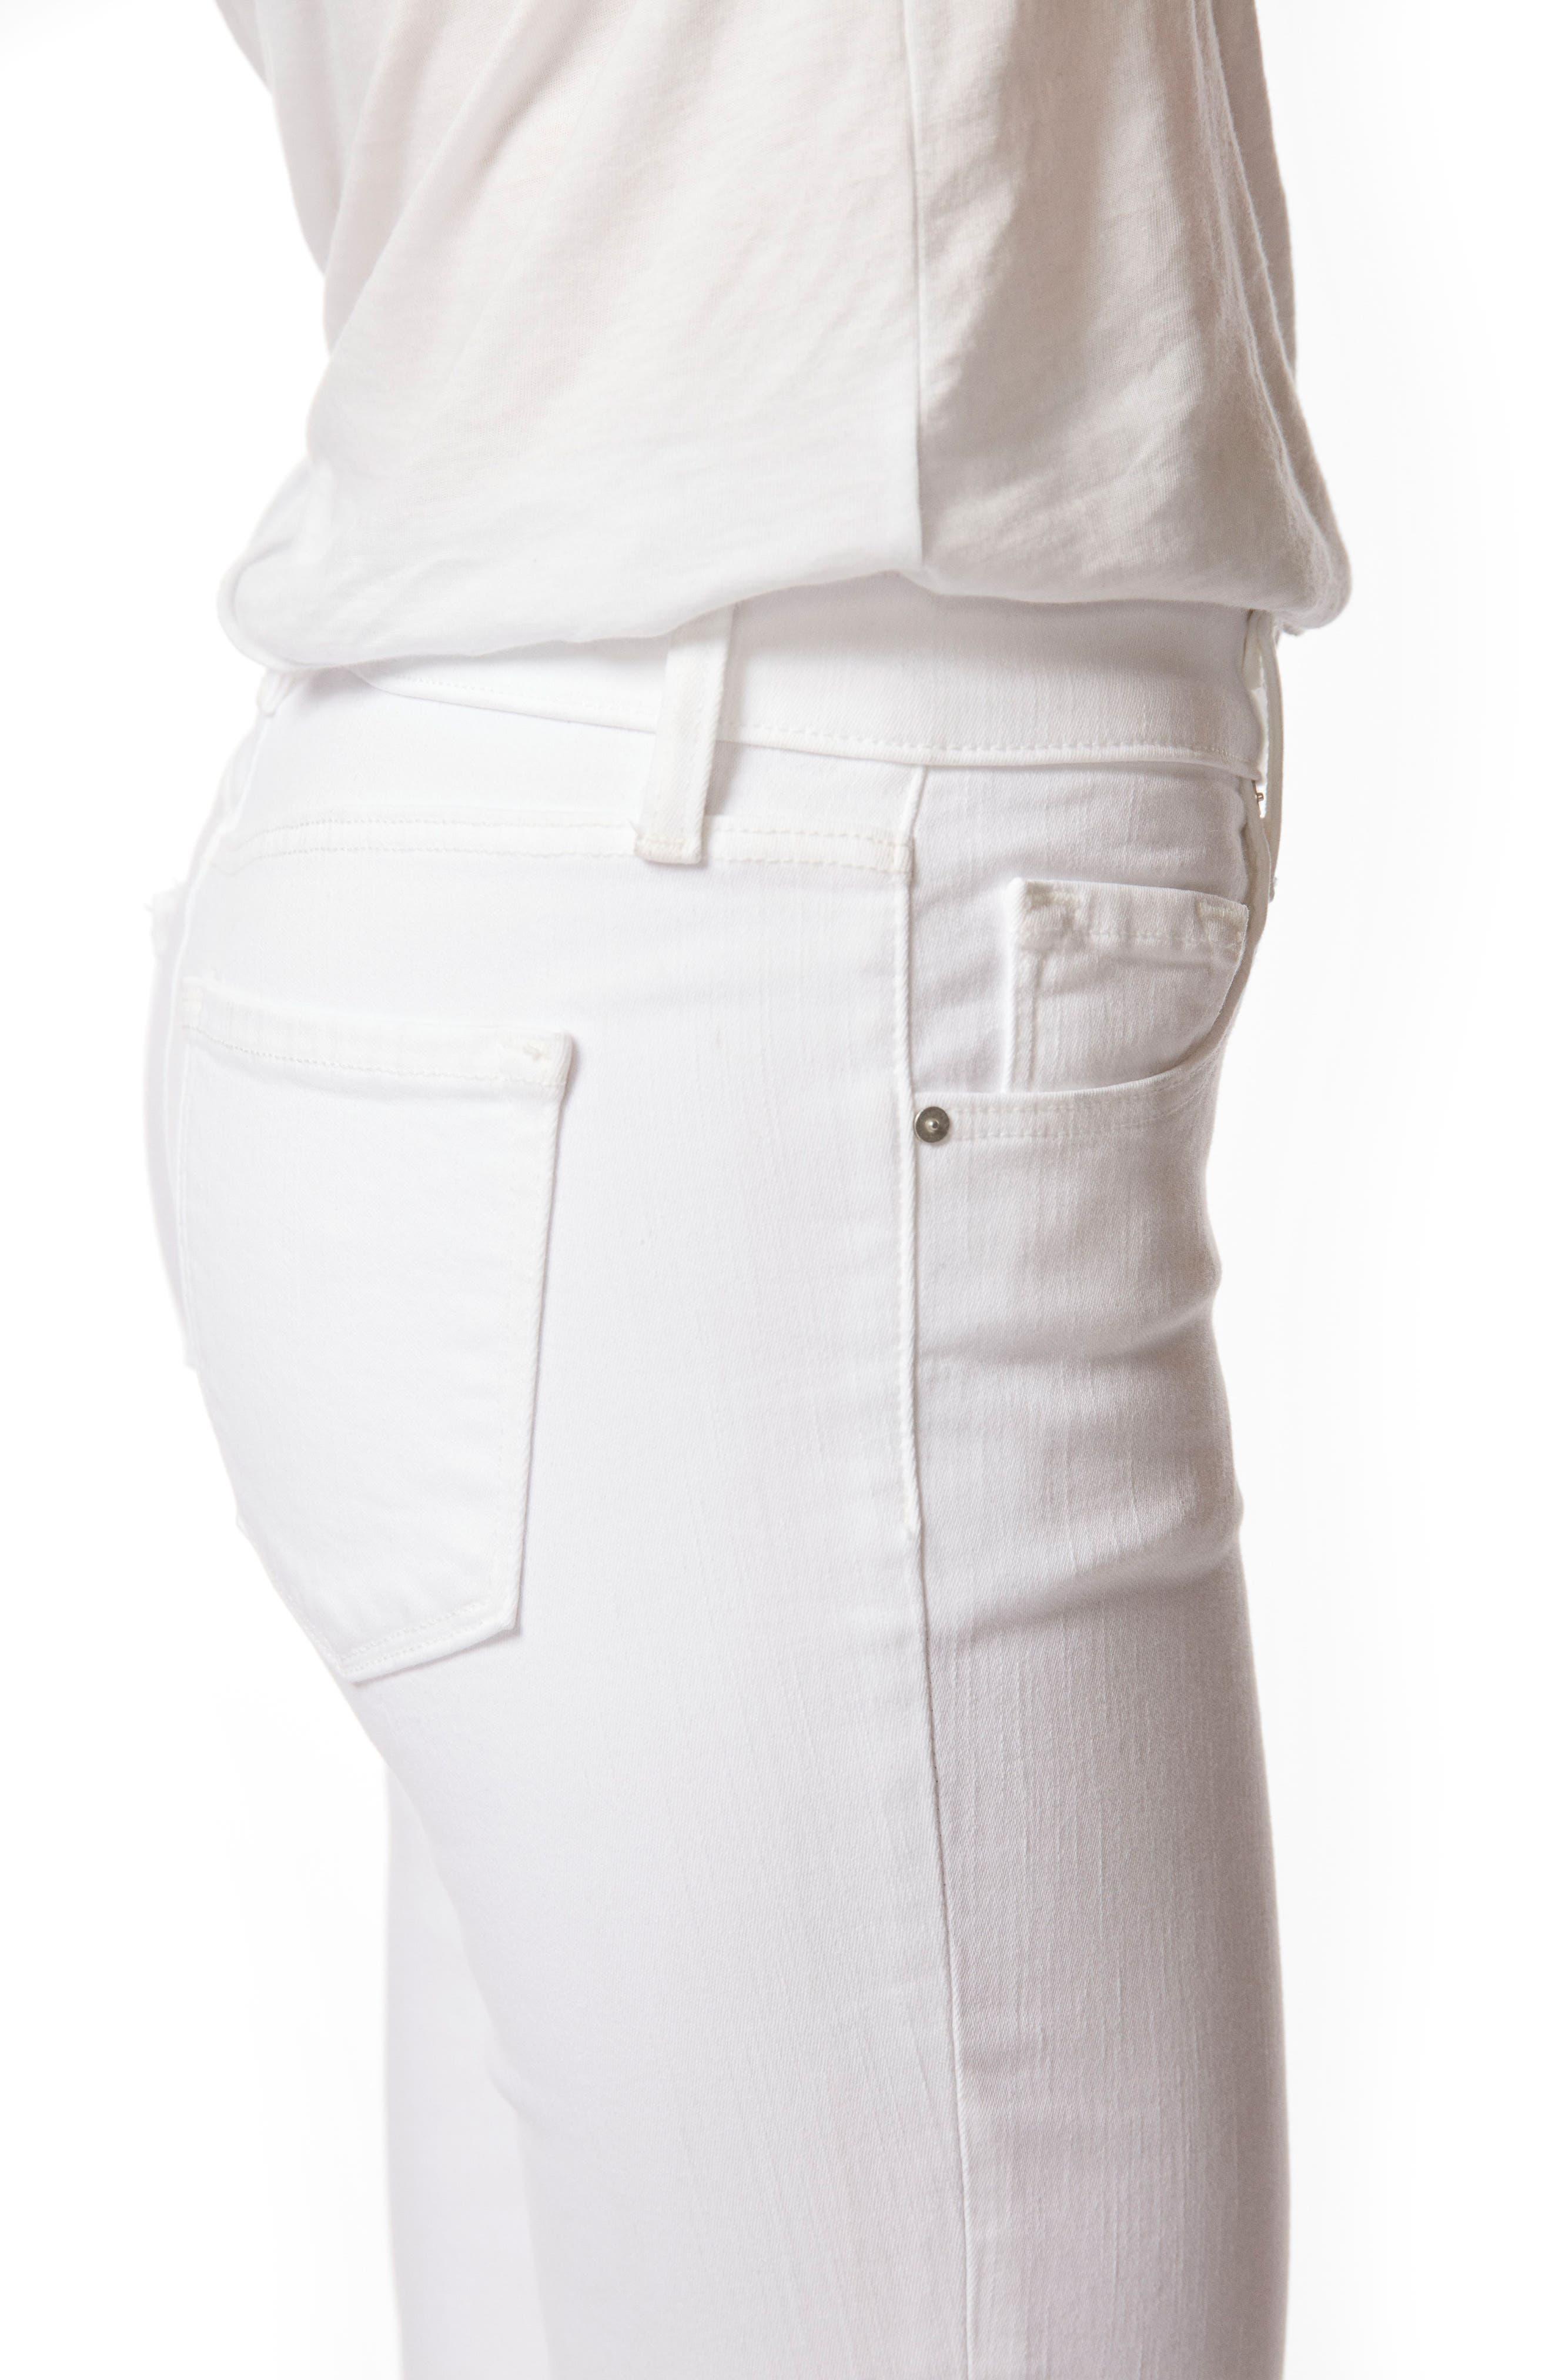 Mid-Rise Capri Skinny Jeans,                             Alternate thumbnail 4, color,                             White